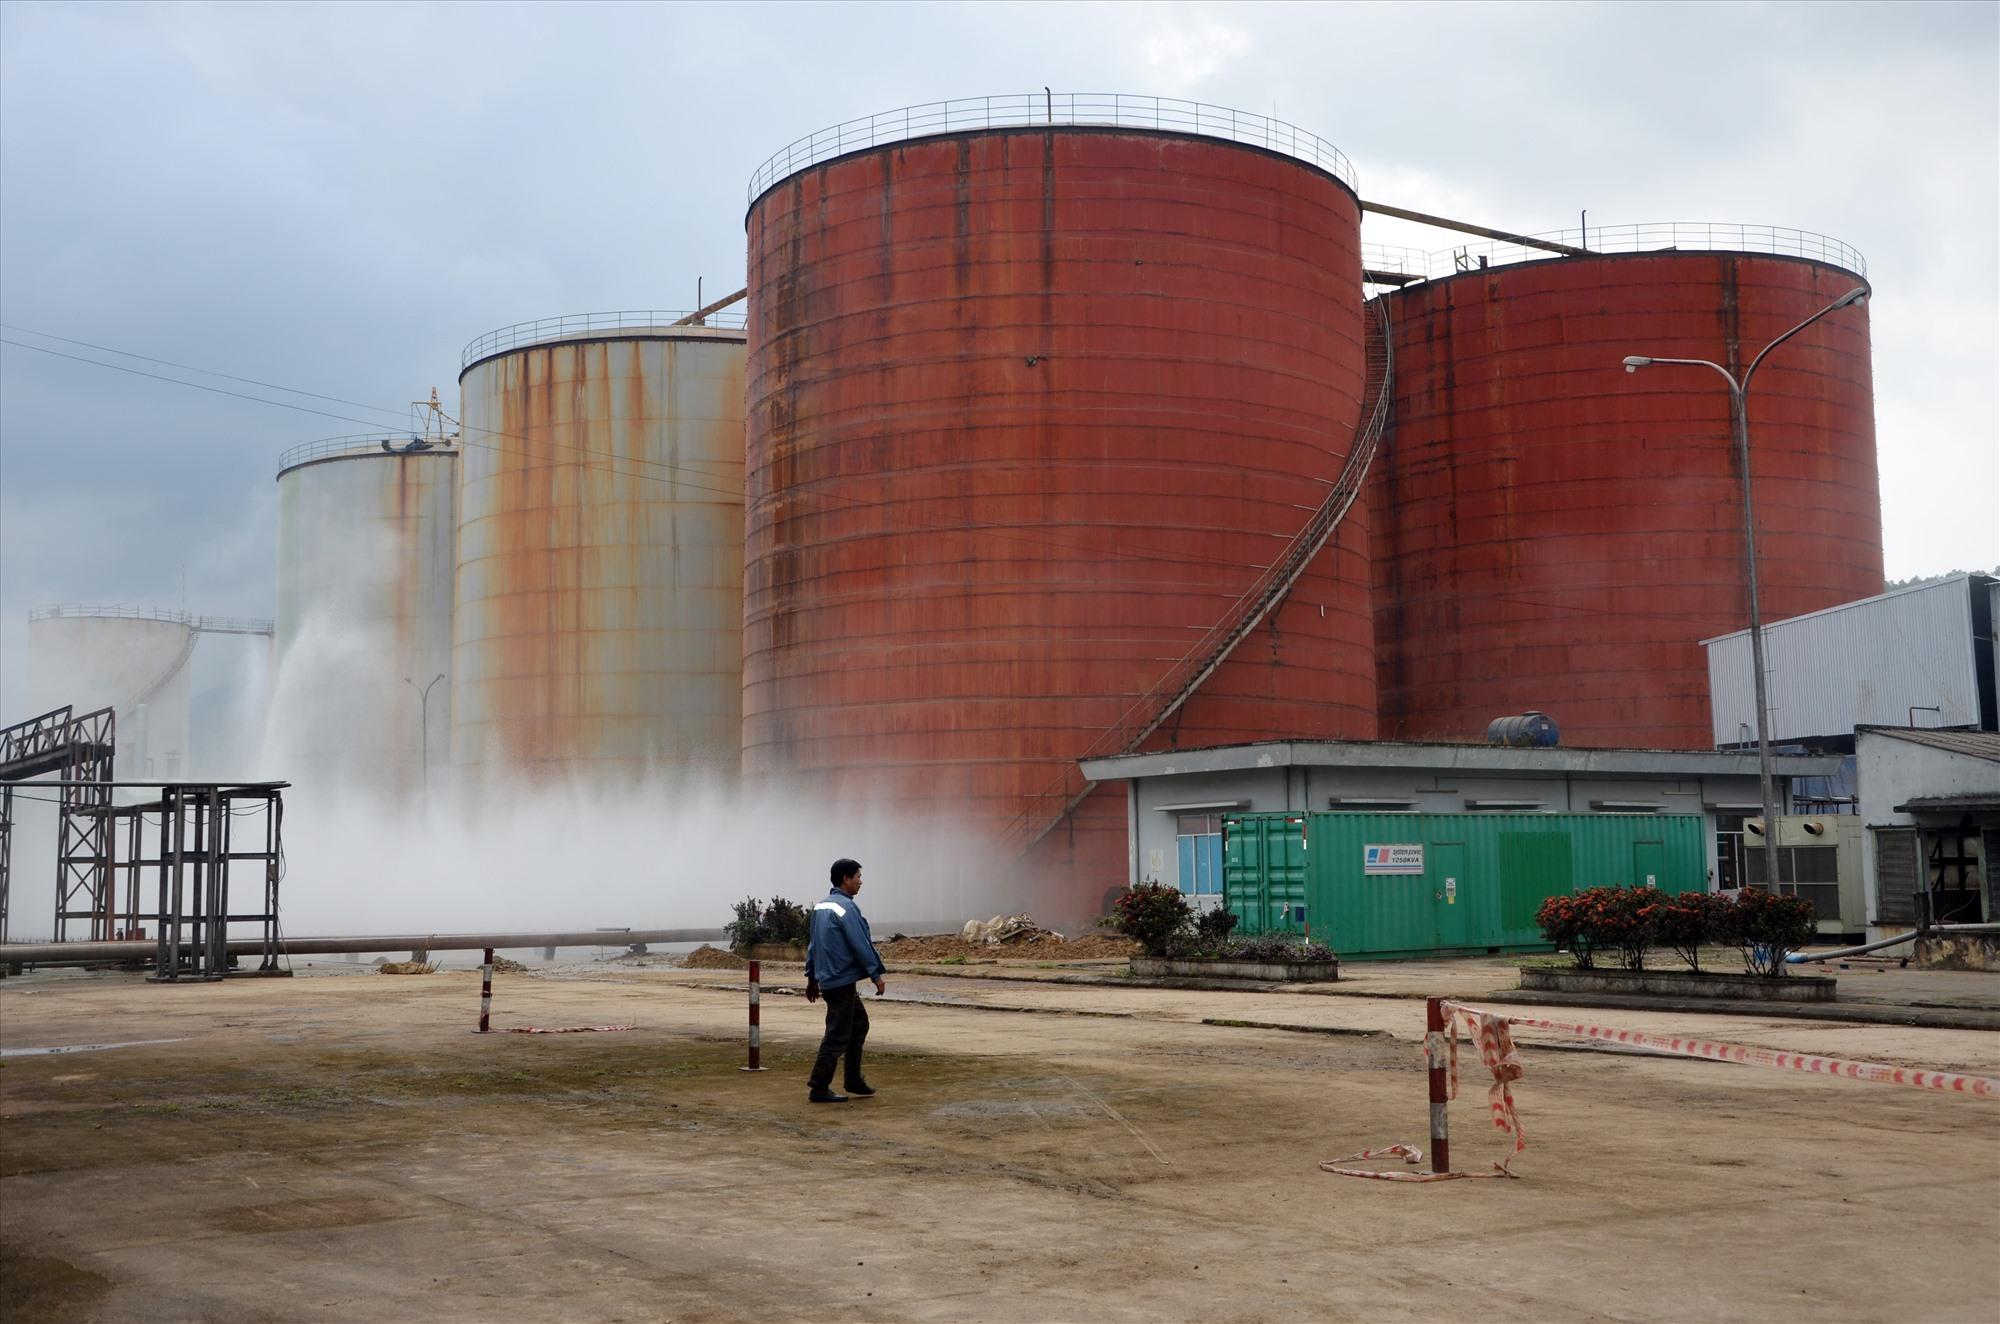 Nhà máy sản xuất cồn Đại Tân của Công ty CP Nhiên liệu sinh học Tùng Lâm phải tạm dừng hoạt động do người dân phản đối việc gây ô nhiễm.Ảnh: H.P